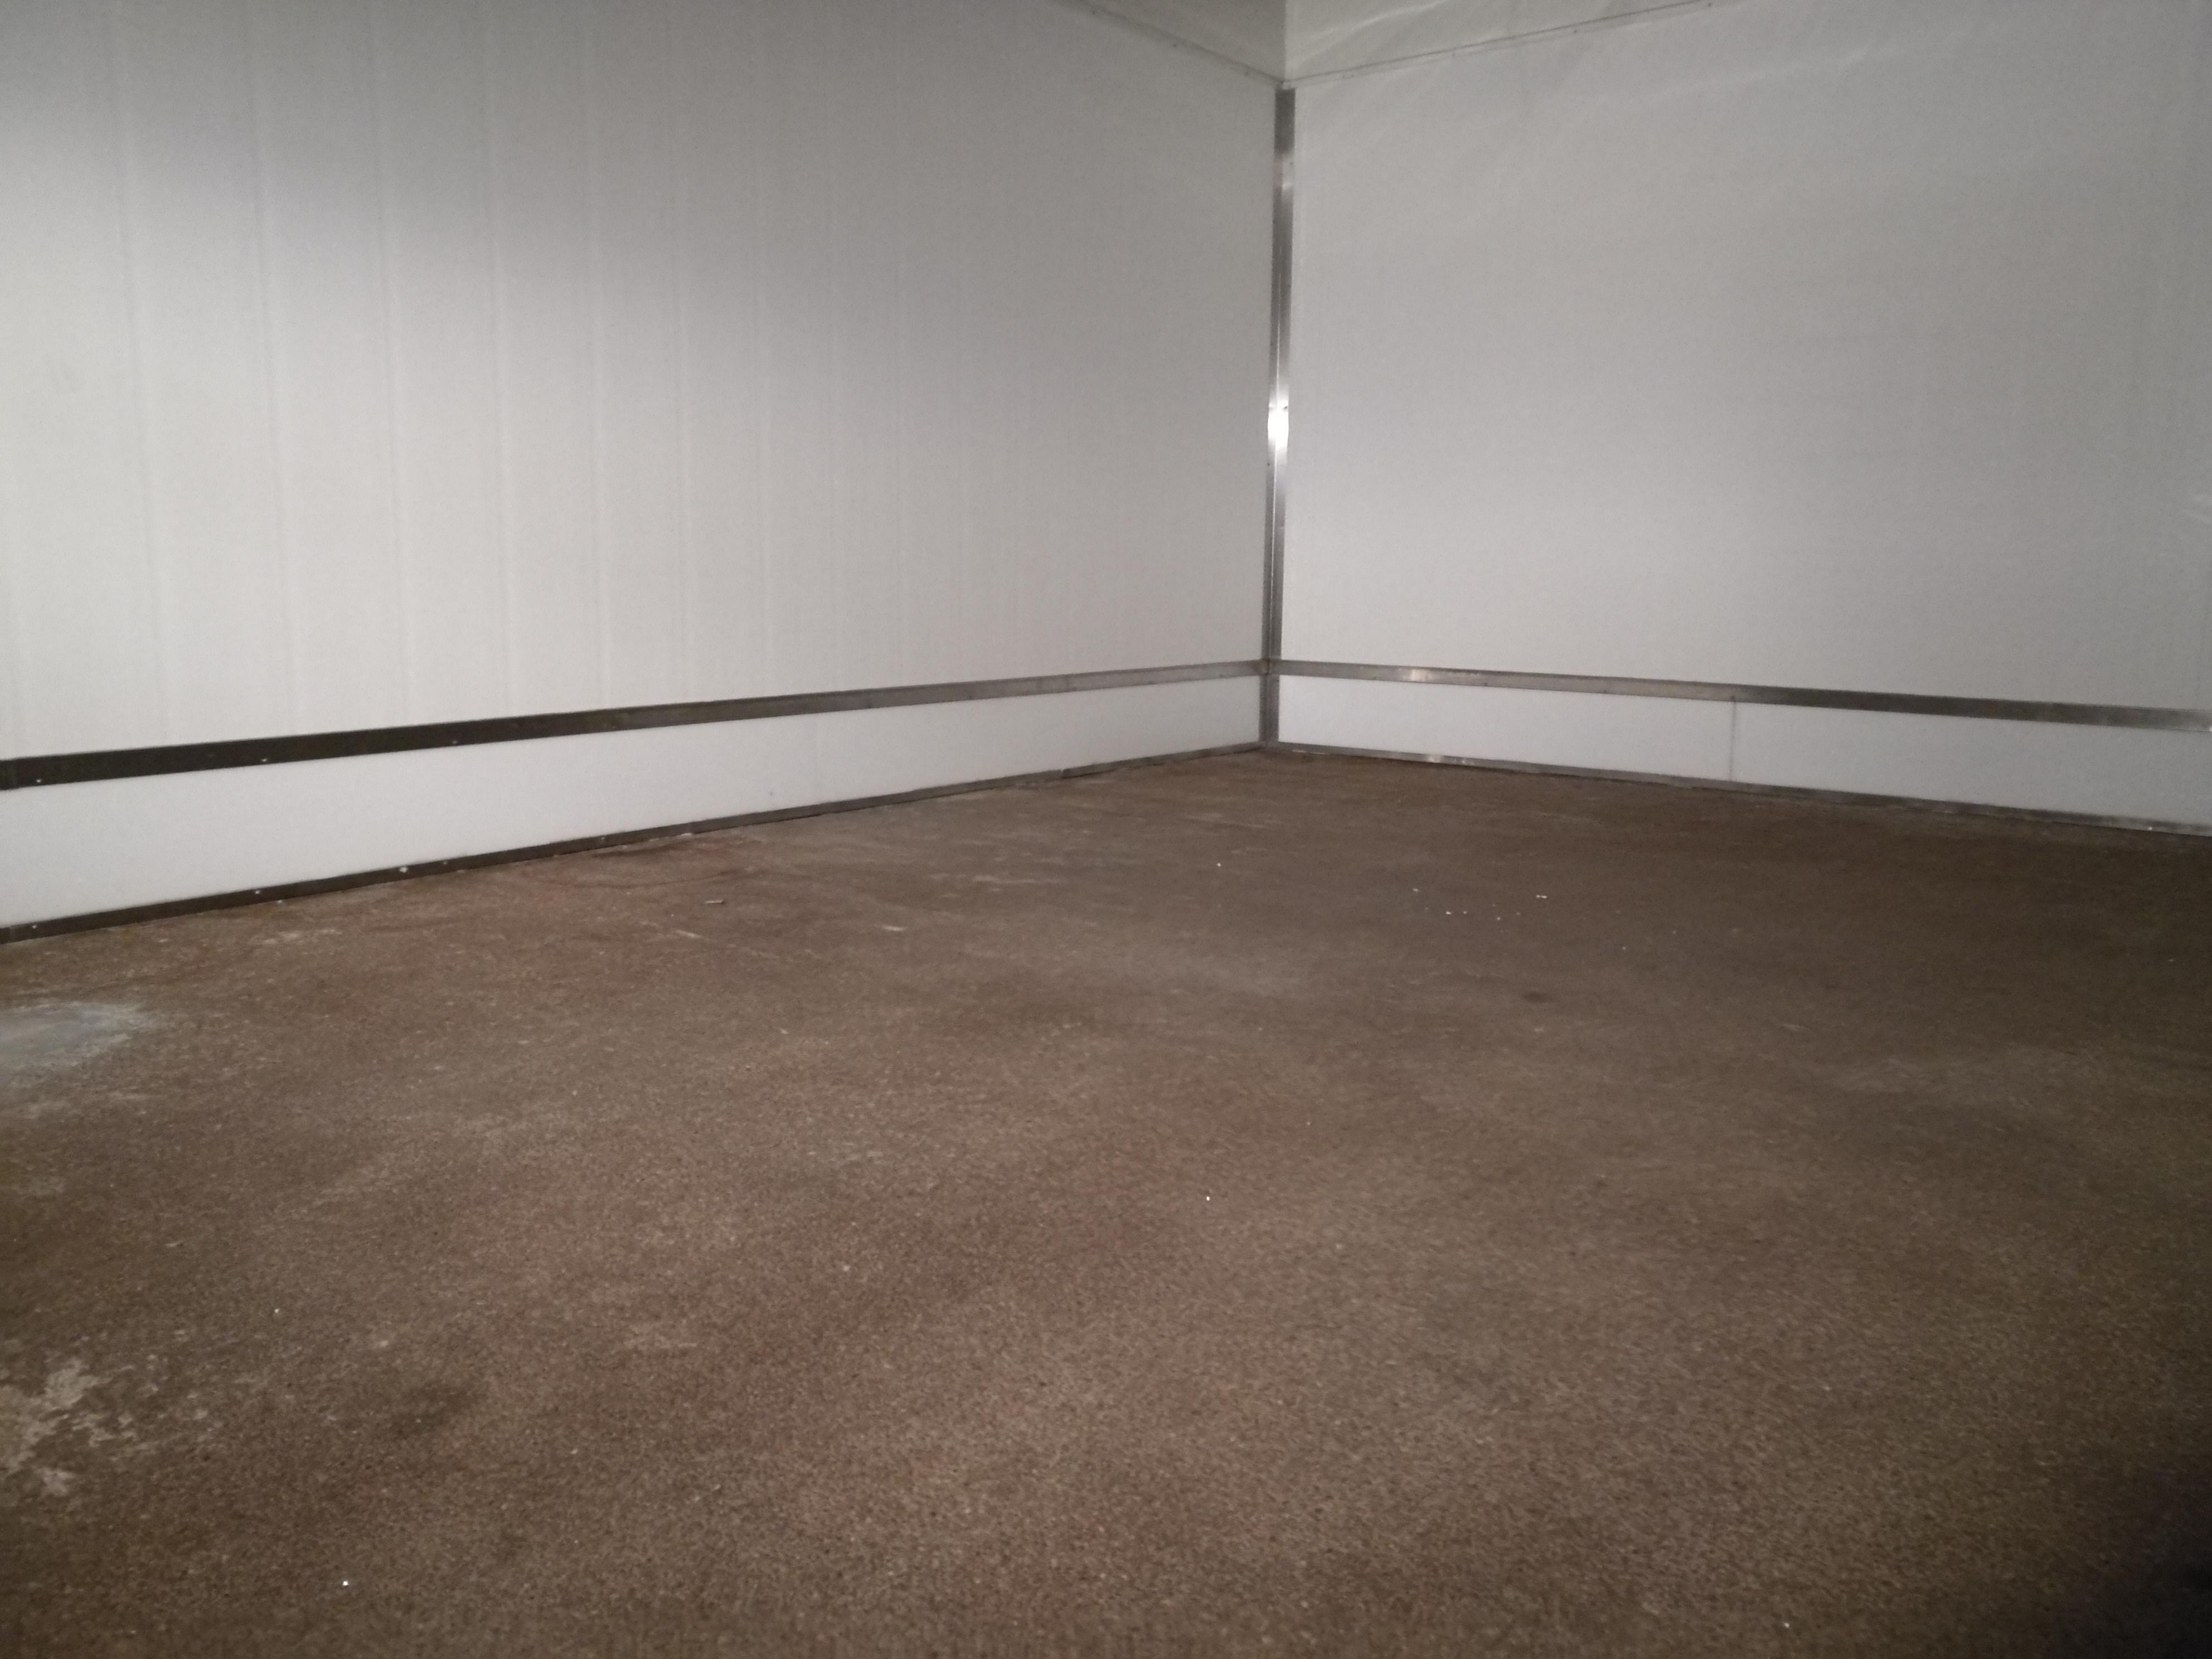 Granieten Vloer Badkamer : Authentieke granito vloer met een plusje marmer zwart blokje en